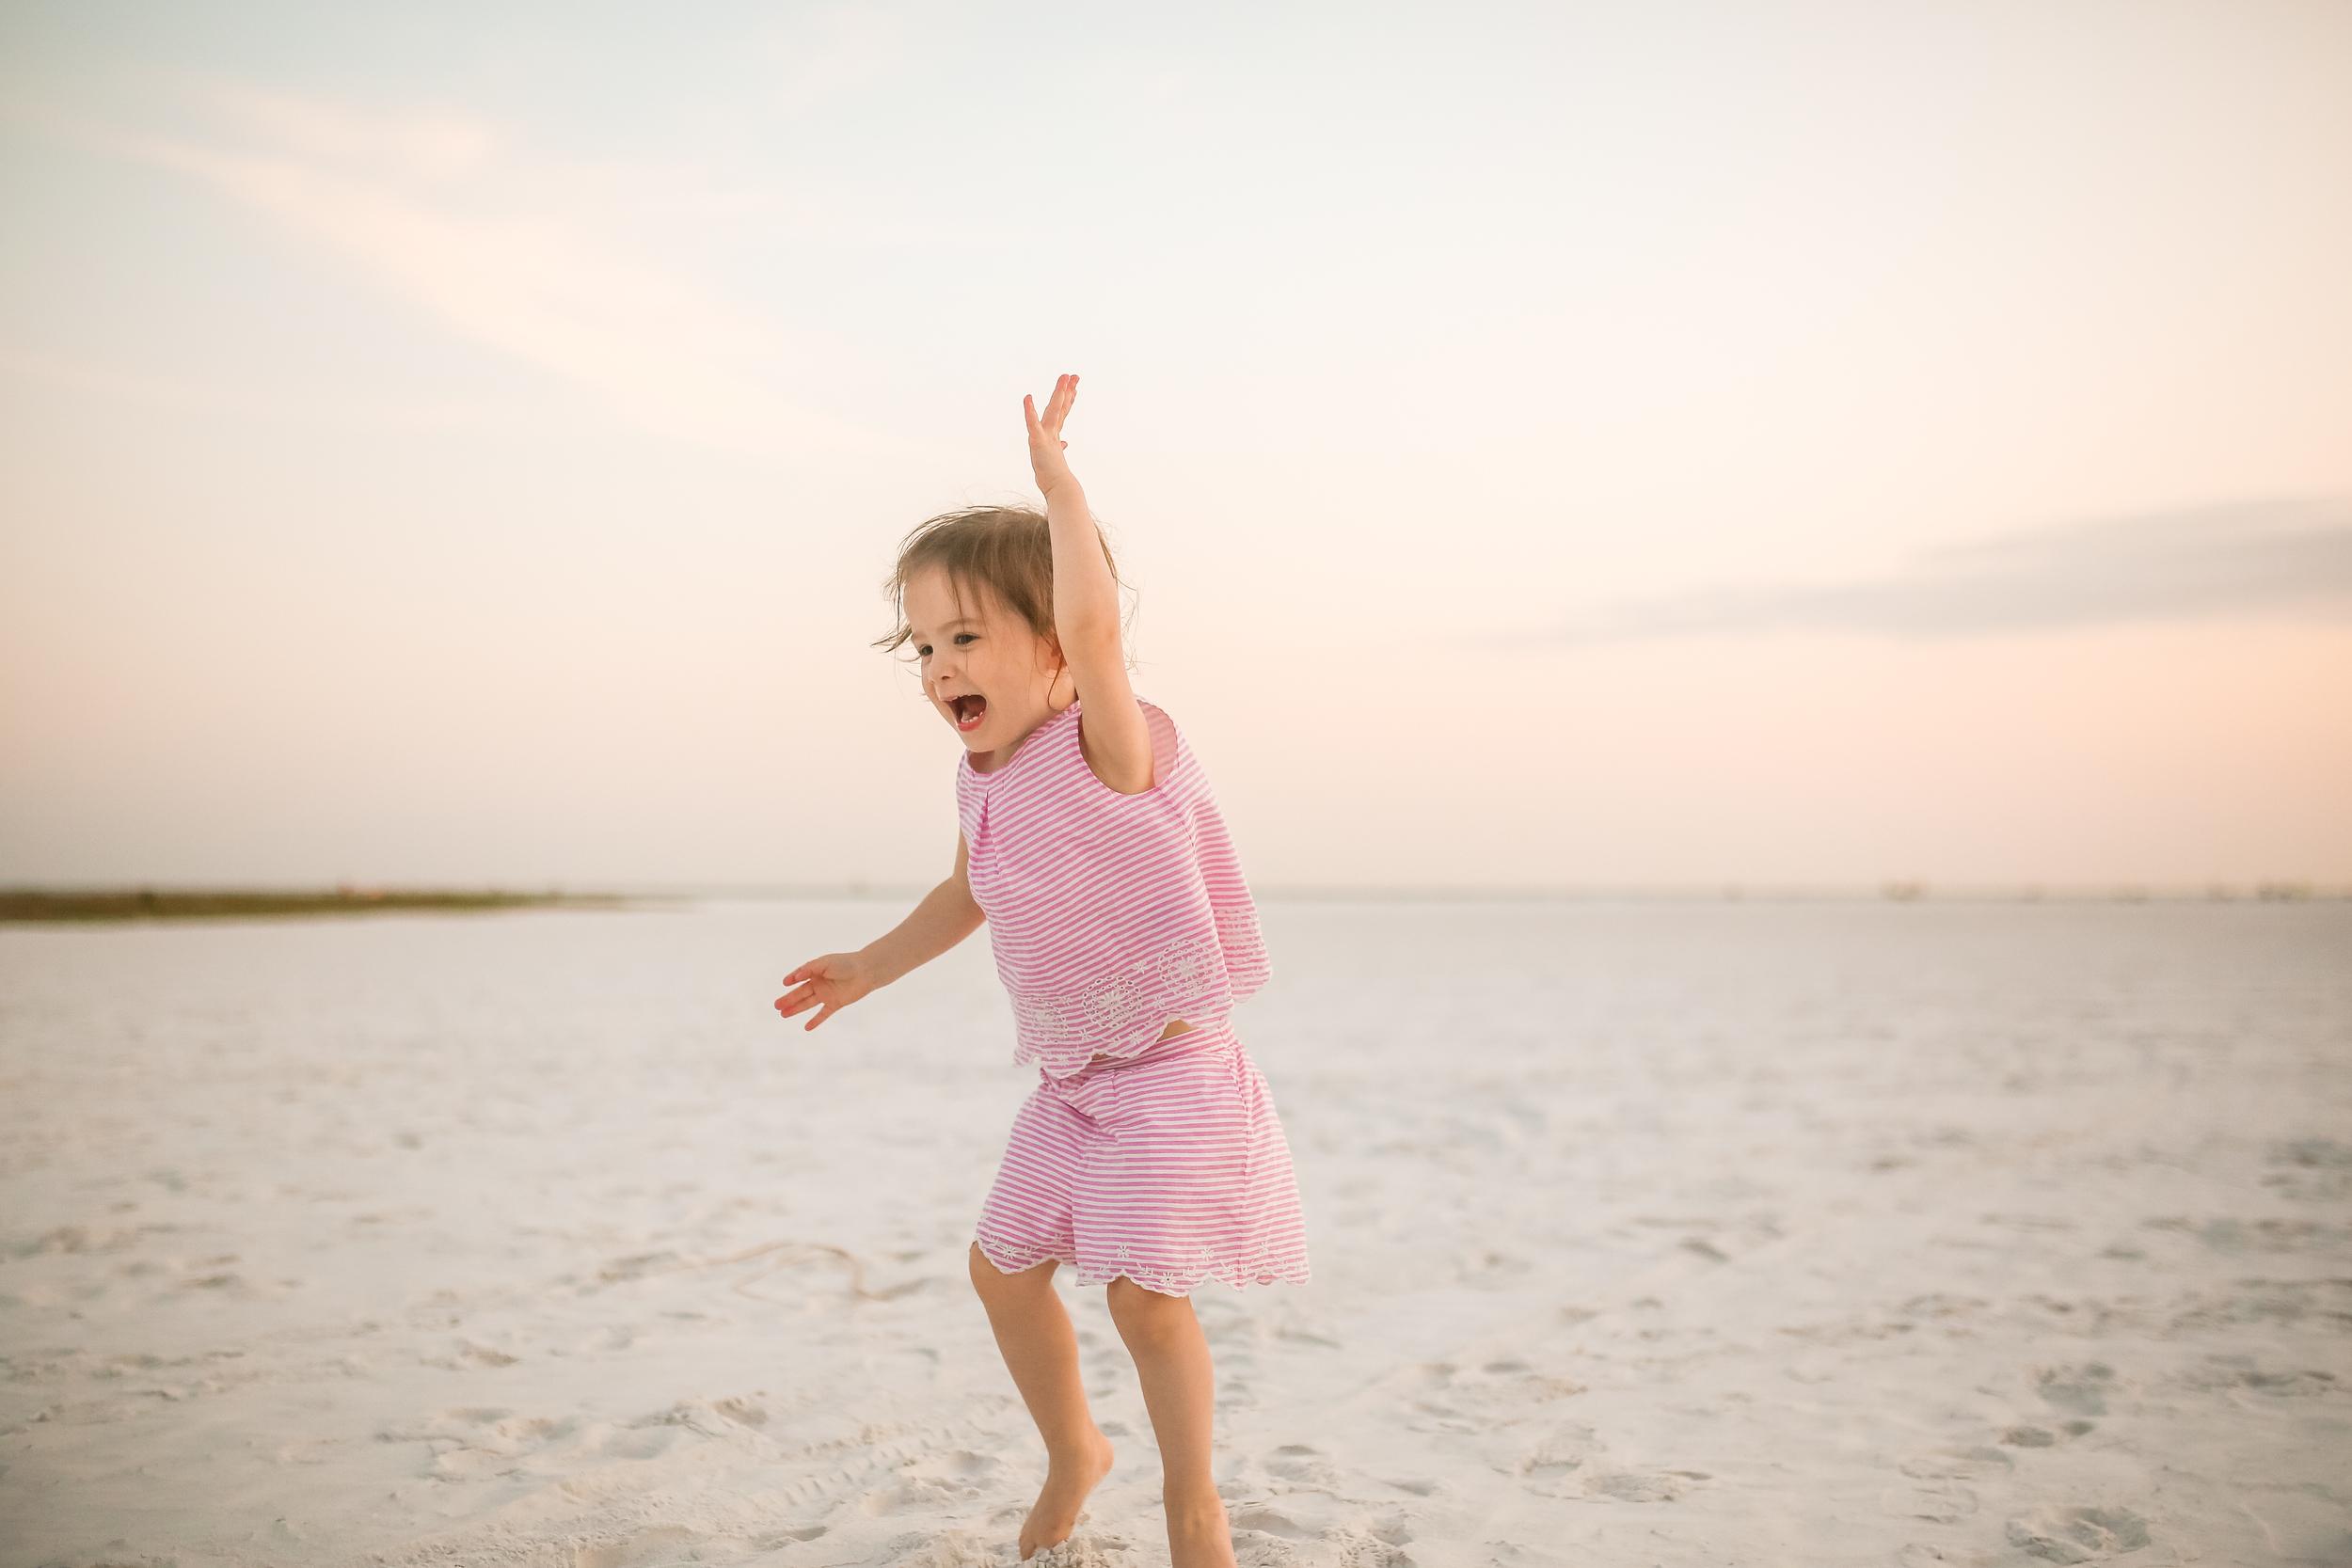 little girl jumping on beach